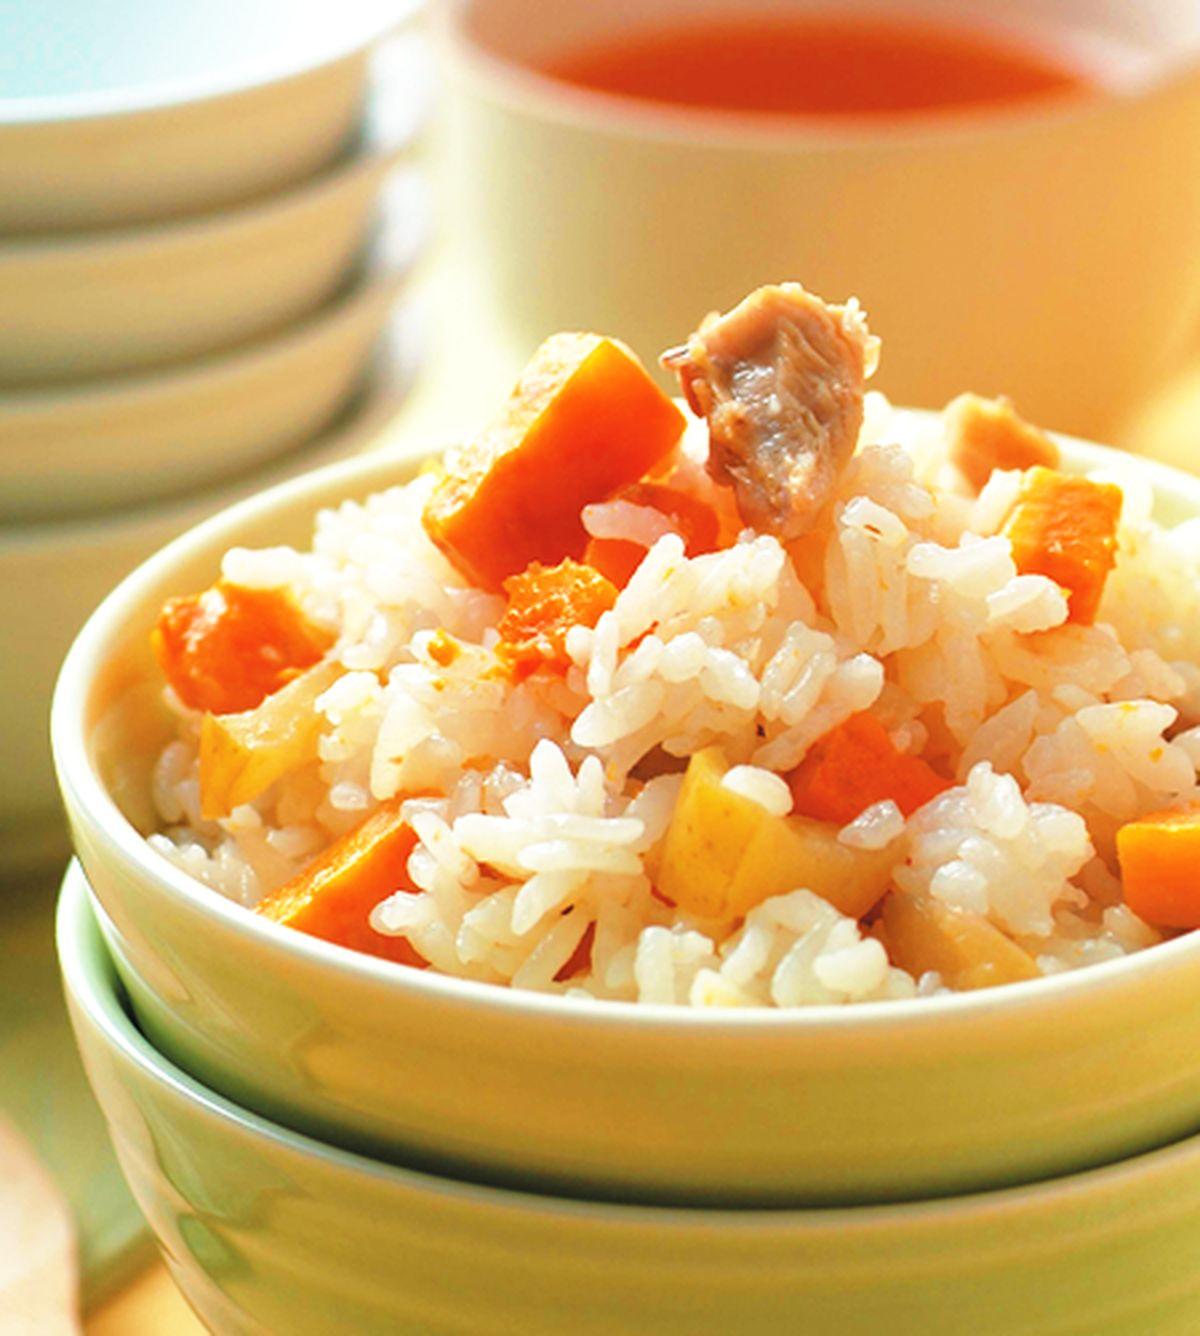 食譜:地瓜炊飯